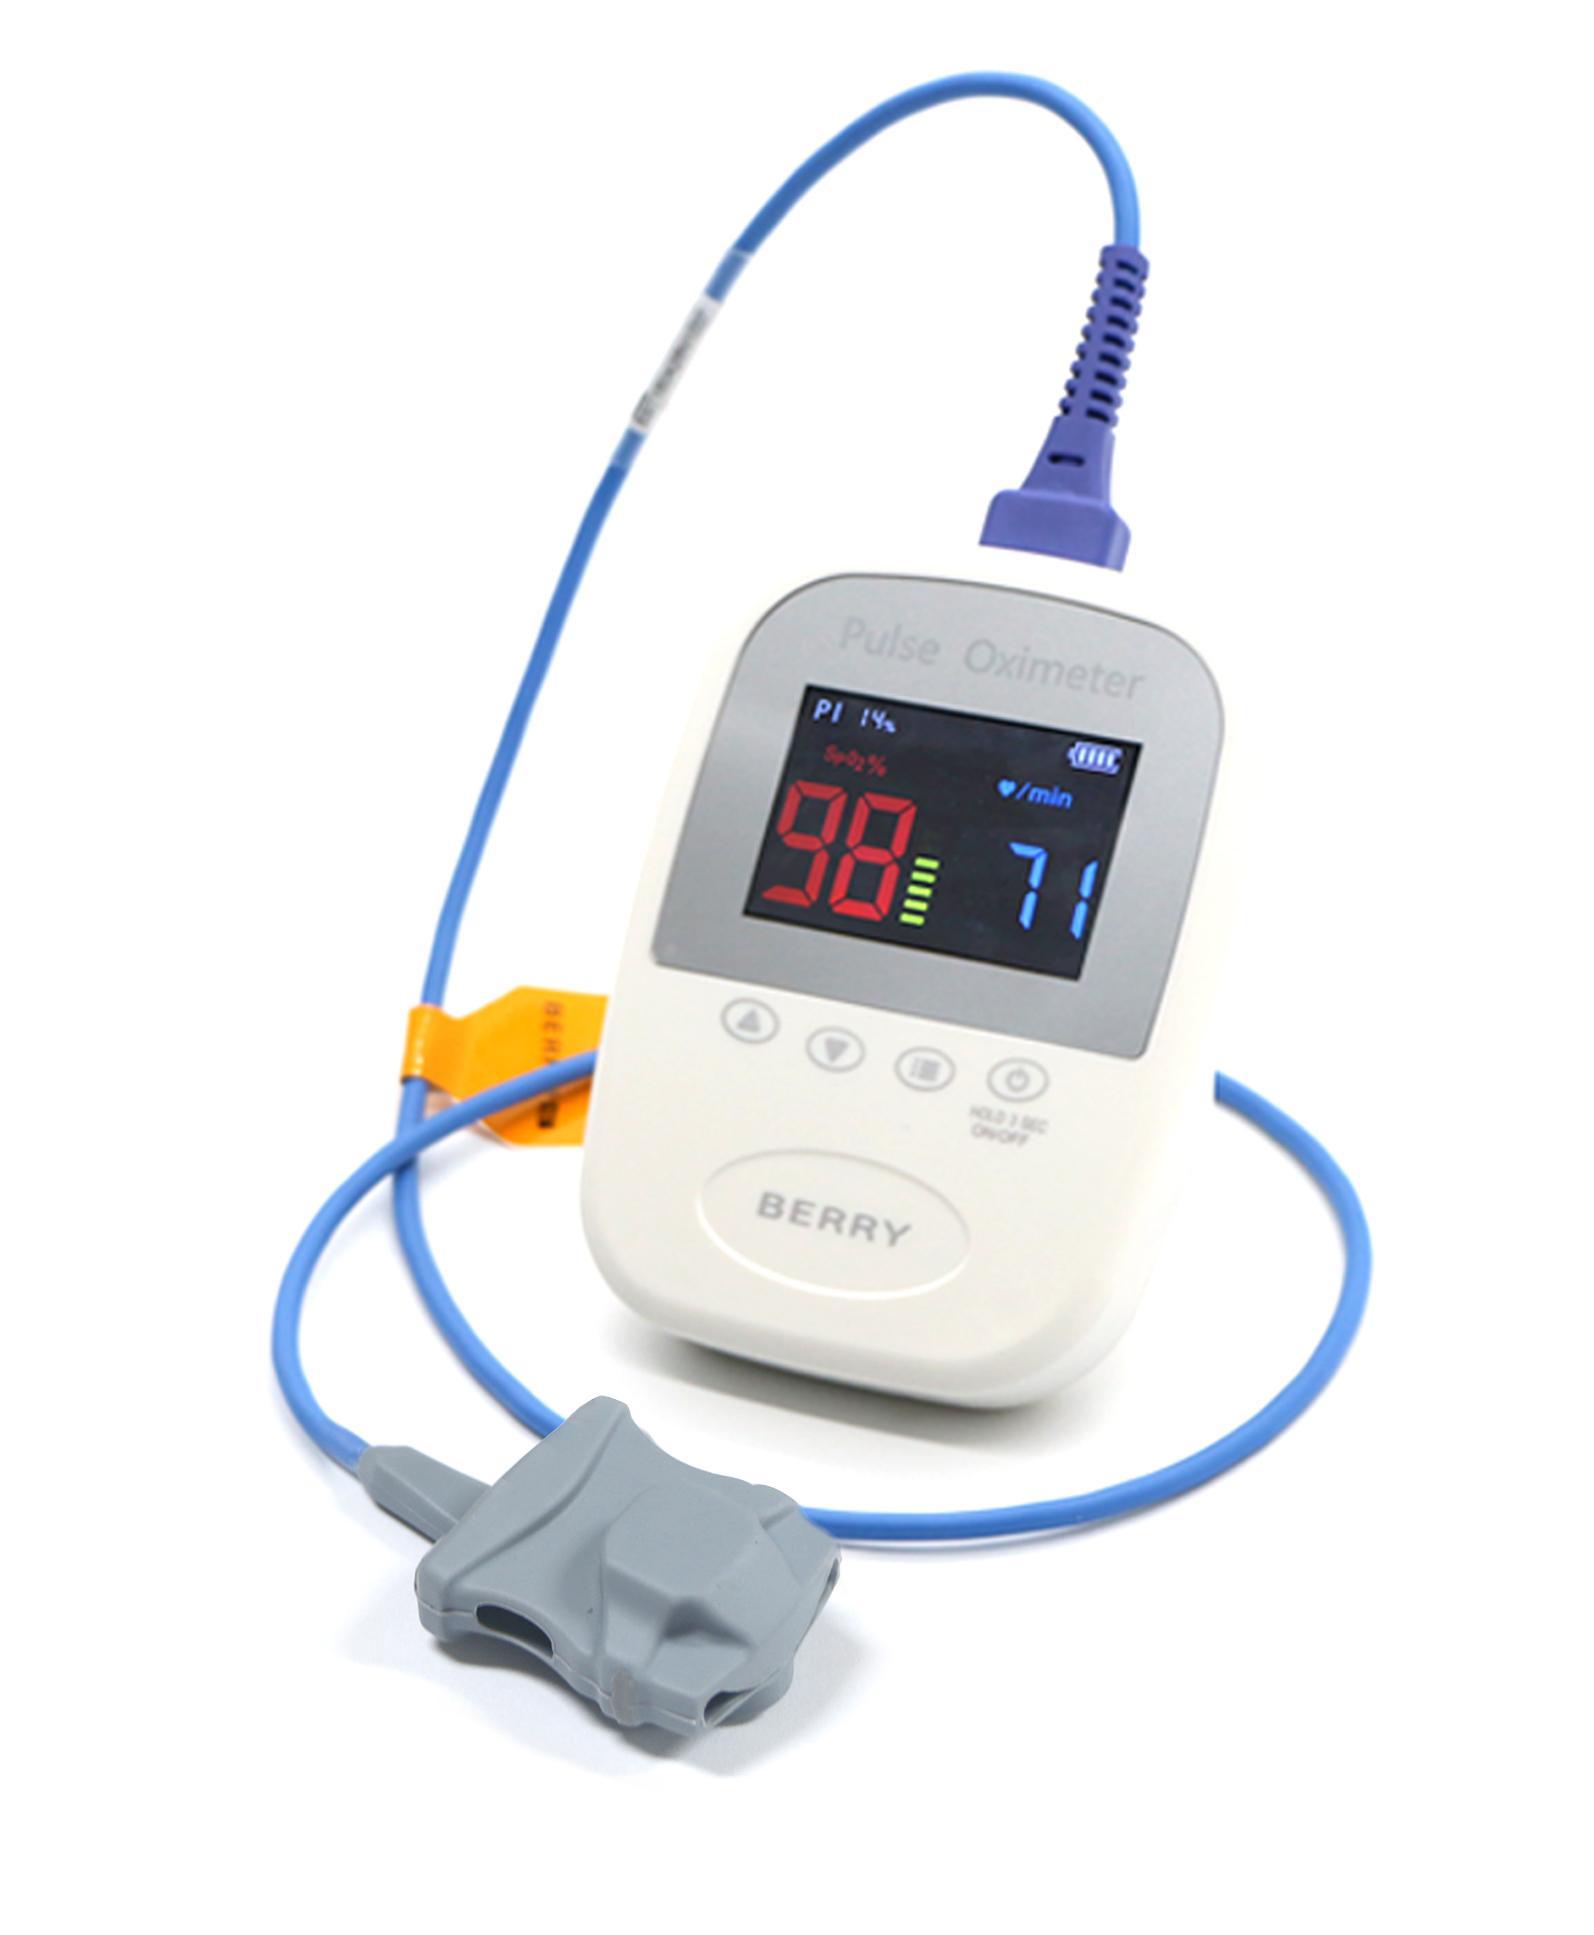 CE认证的OLED显示屏手持式指尖脉搏血氧仪 1